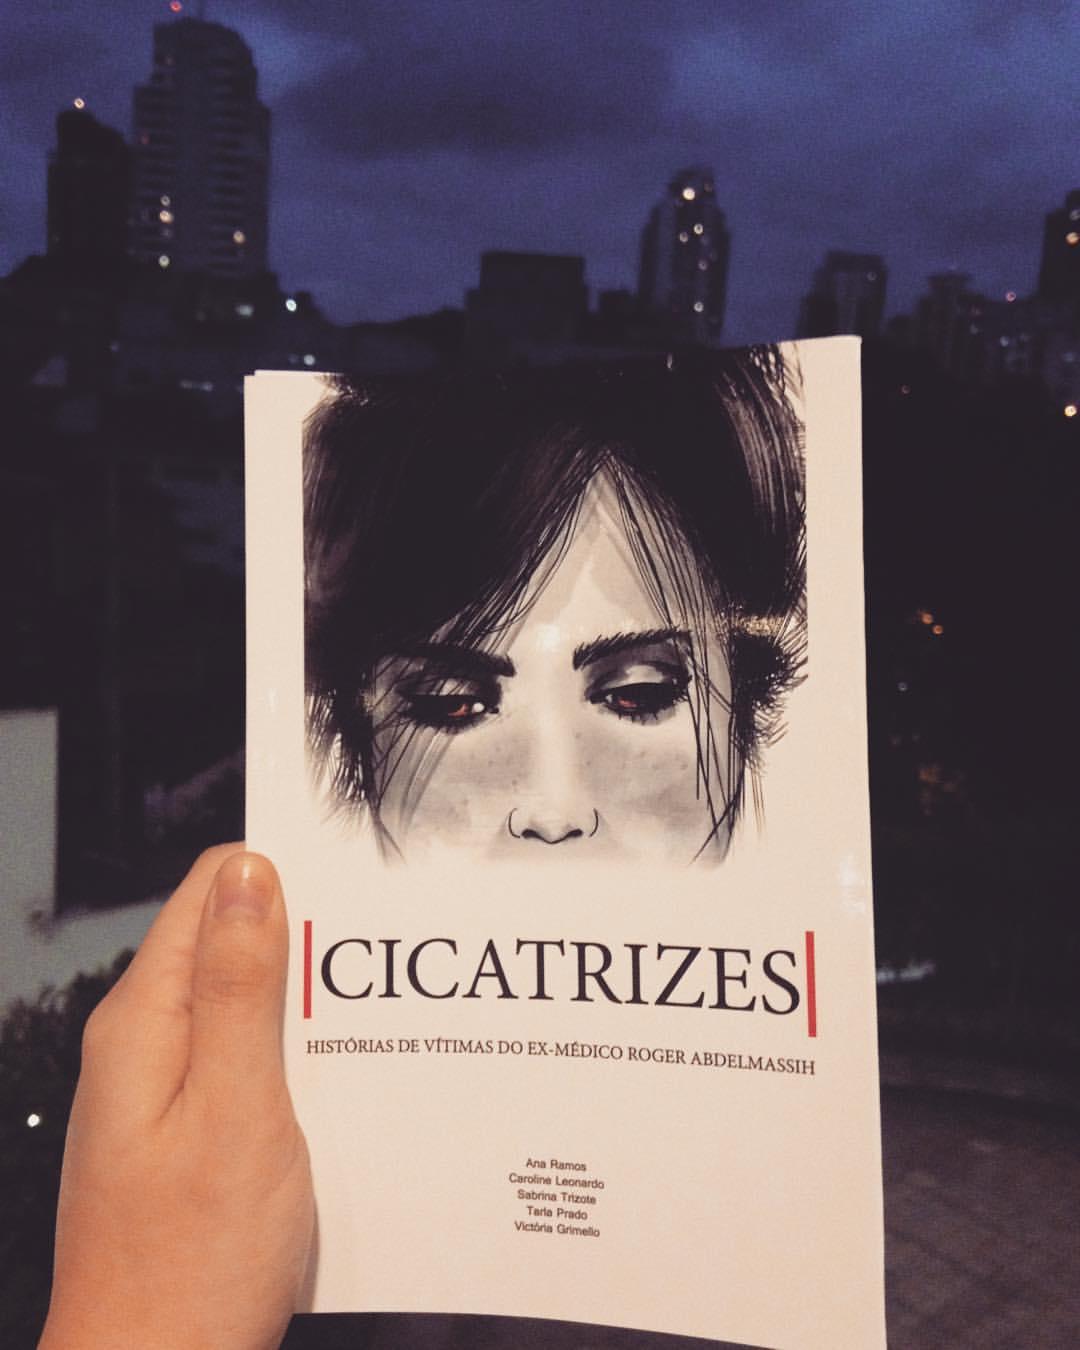 livrocicatrizes-tcc-jornalismo-fapcom